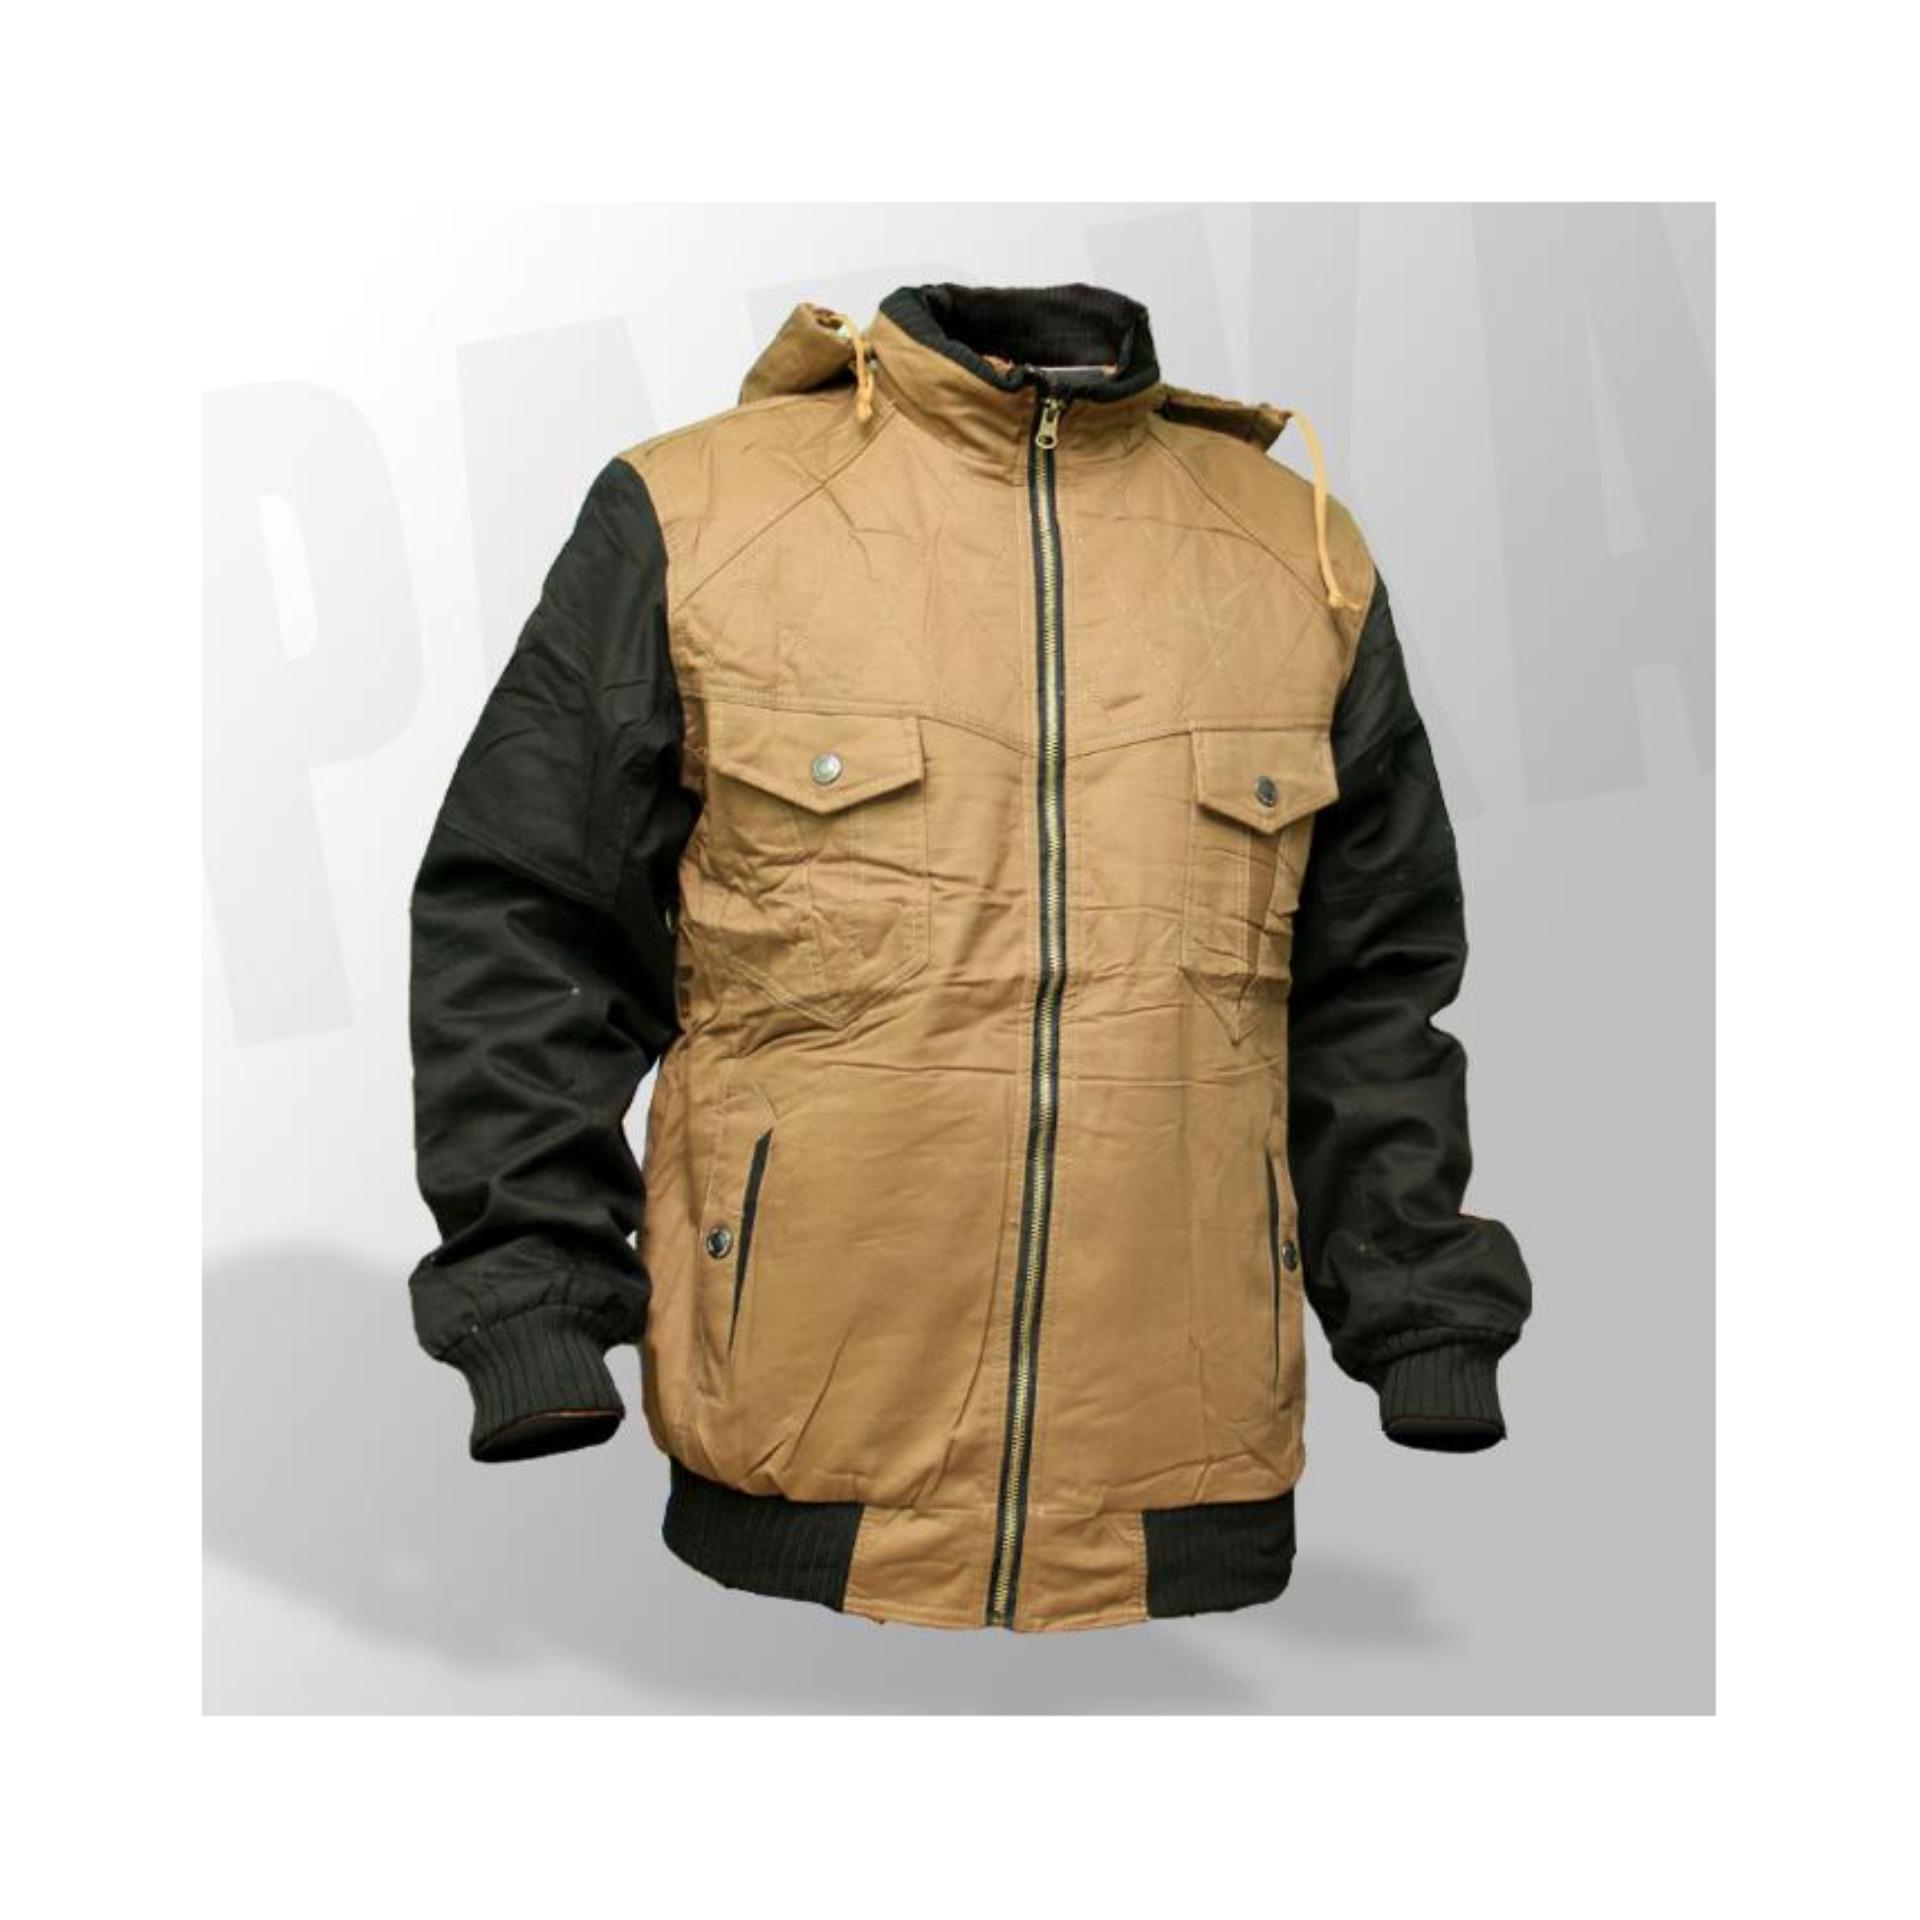 Belanja murah jaket parasut pria Harga Penawaran 97c2f805c6